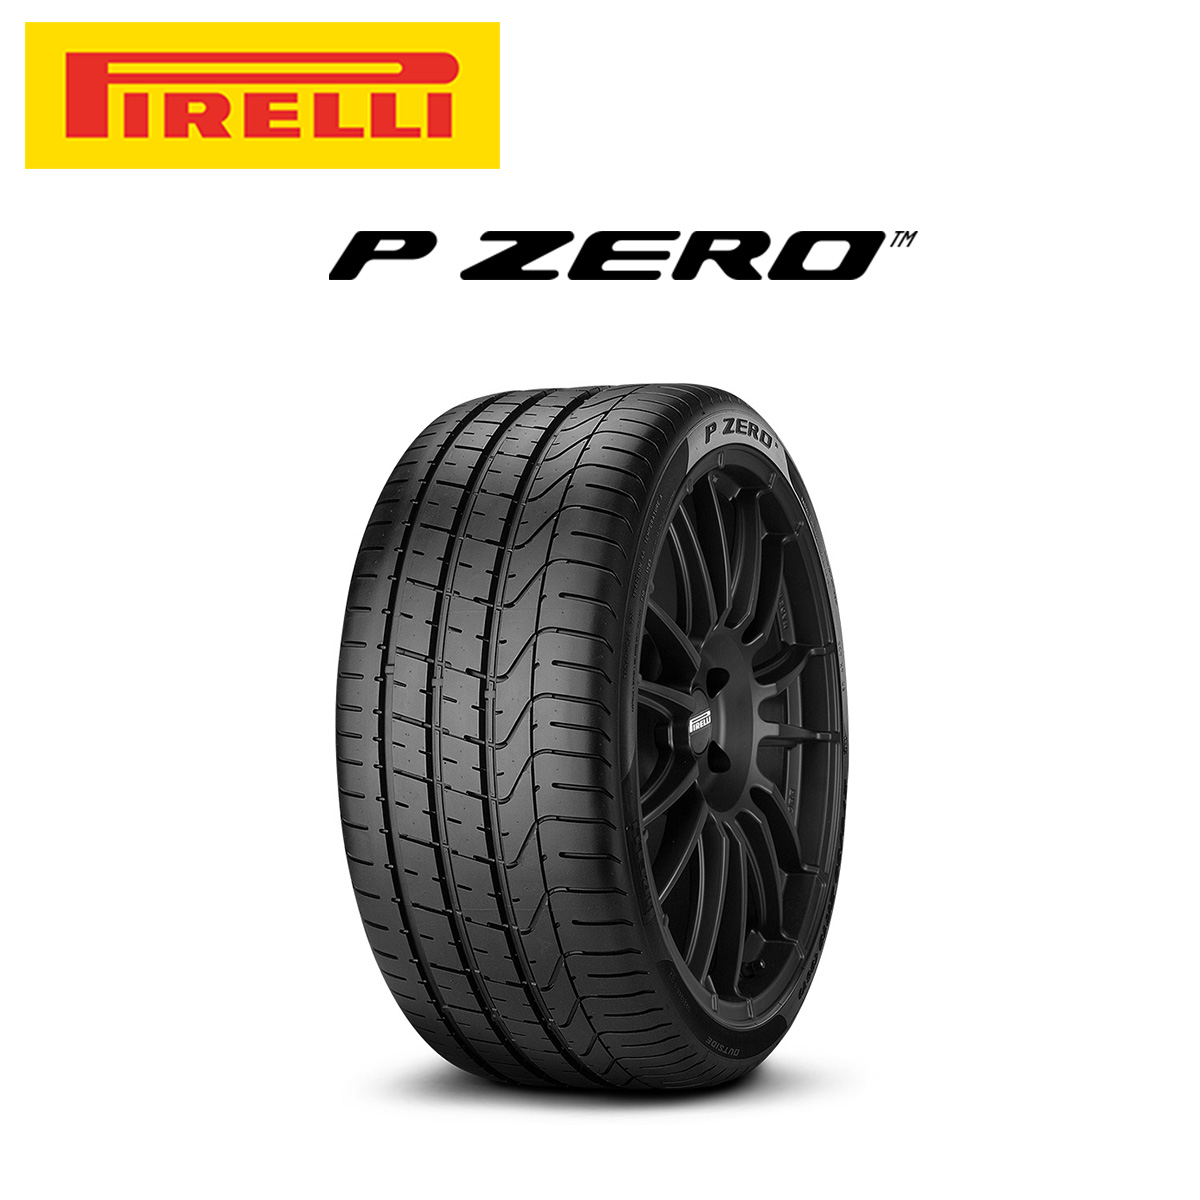 ピレリ PIRELLI P ZERO ピーゼロ 20インチ サマー タイヤ 4本 セット 245/35ZR20 95Y XL F:フェラーリ承認タイヤ 1935800